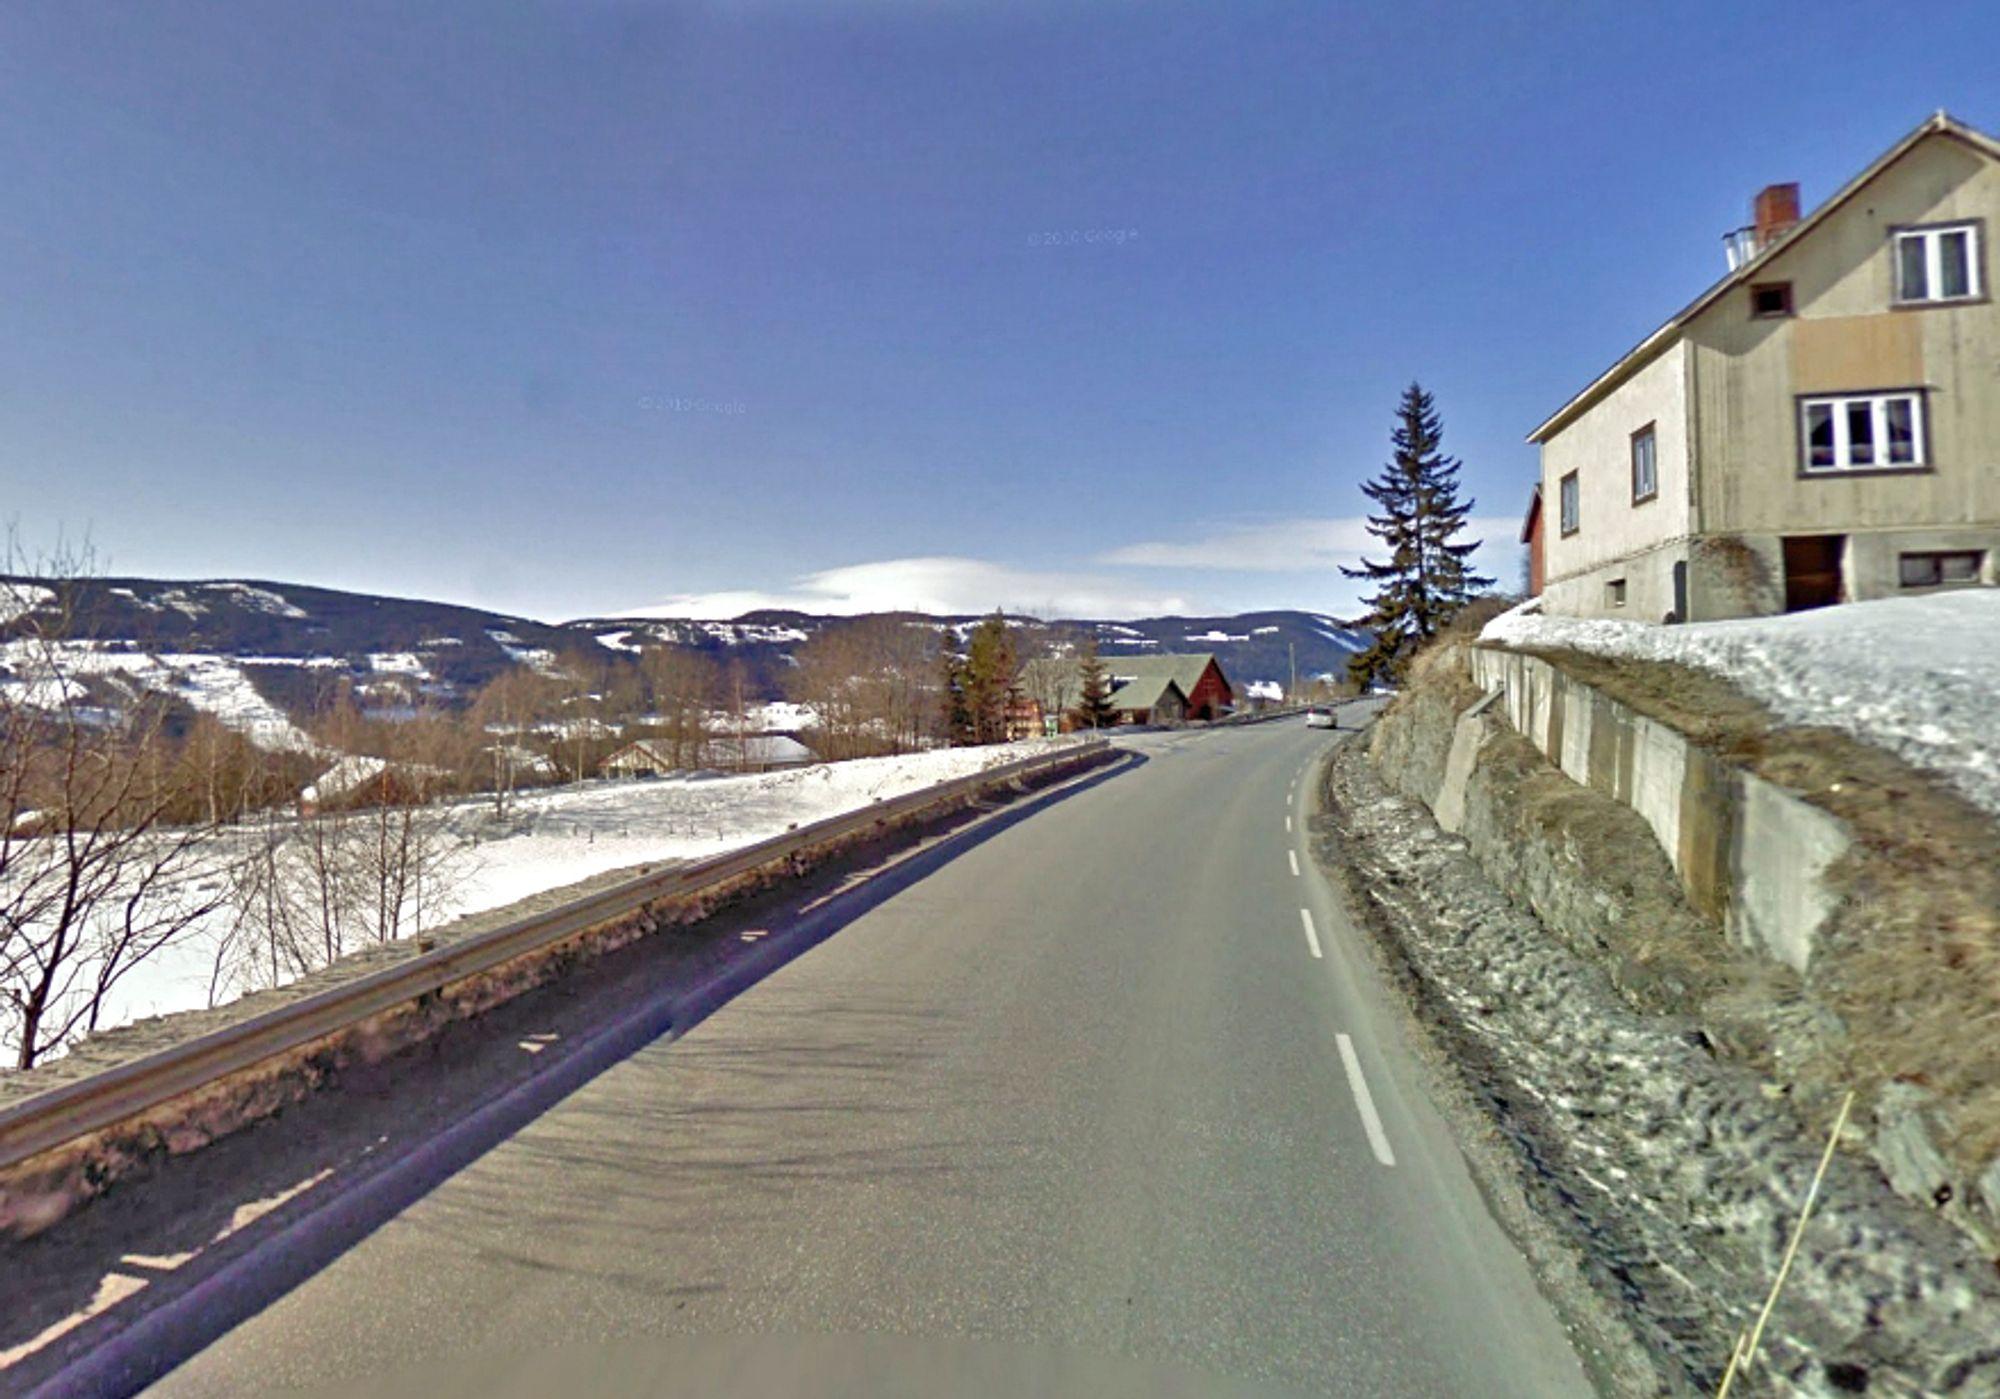 Gang/sykkelvegen skal følge østsiden av fylkesveg 51. Huset over støttemuren til høyre må rives for å gi plass til den.